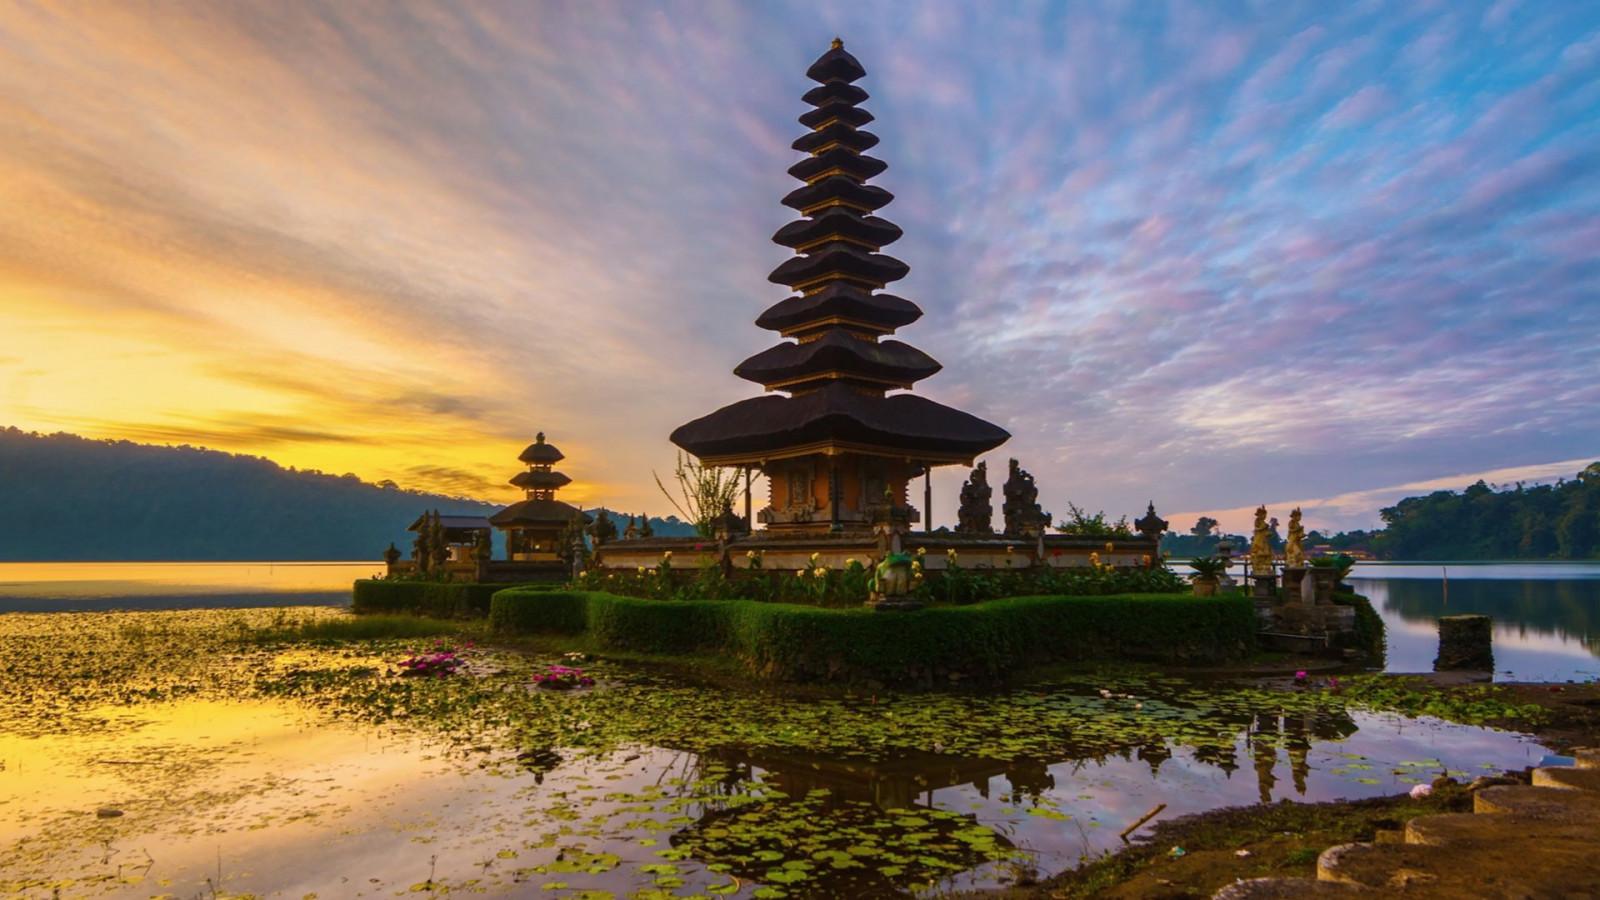 デスクトップ壁紙 寺院 木 風景 森林 日没 海 アジアの建築